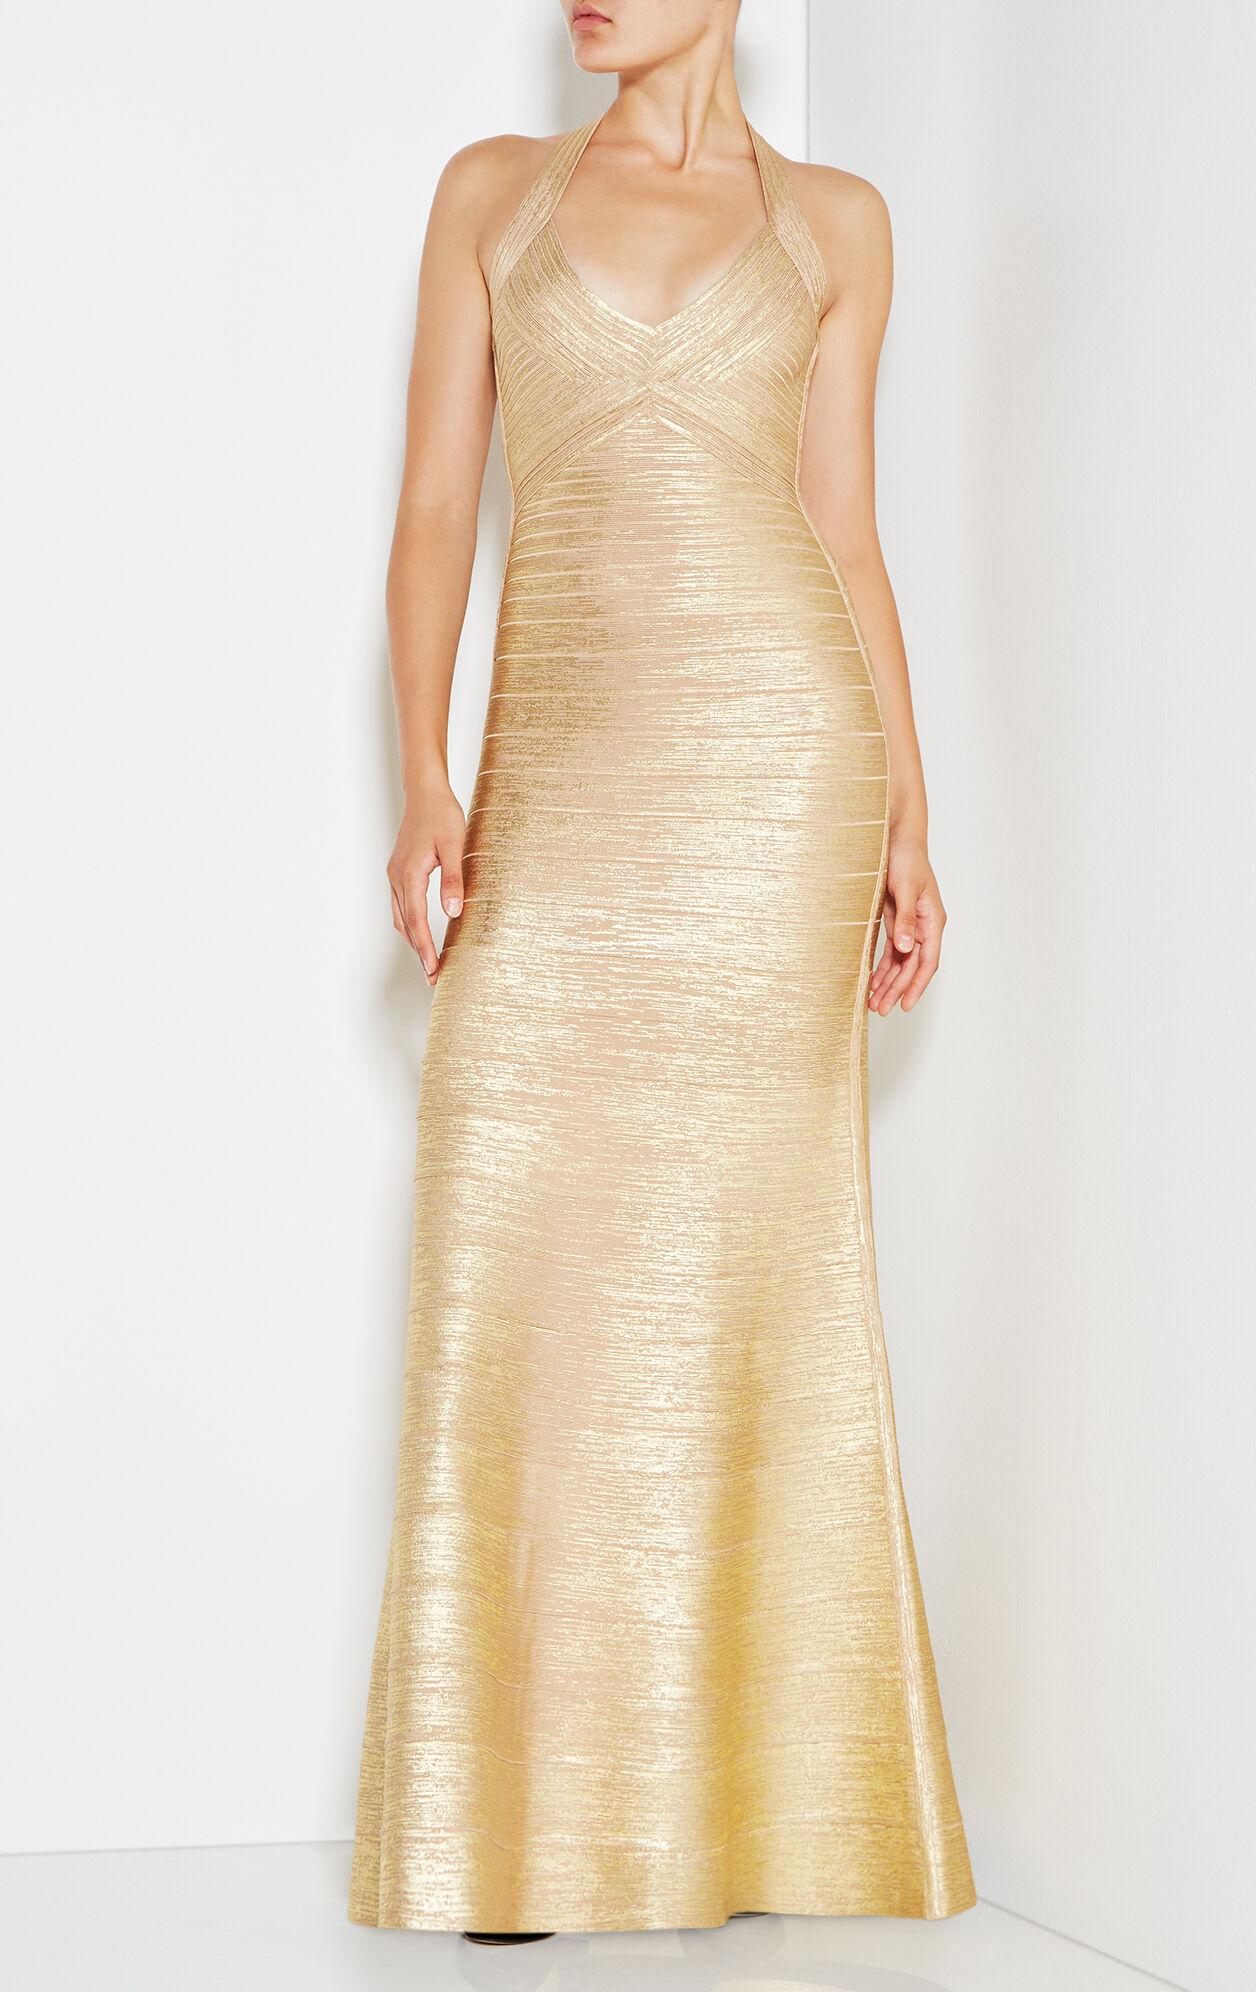 Merissa Woodgrain Foil Print Gown